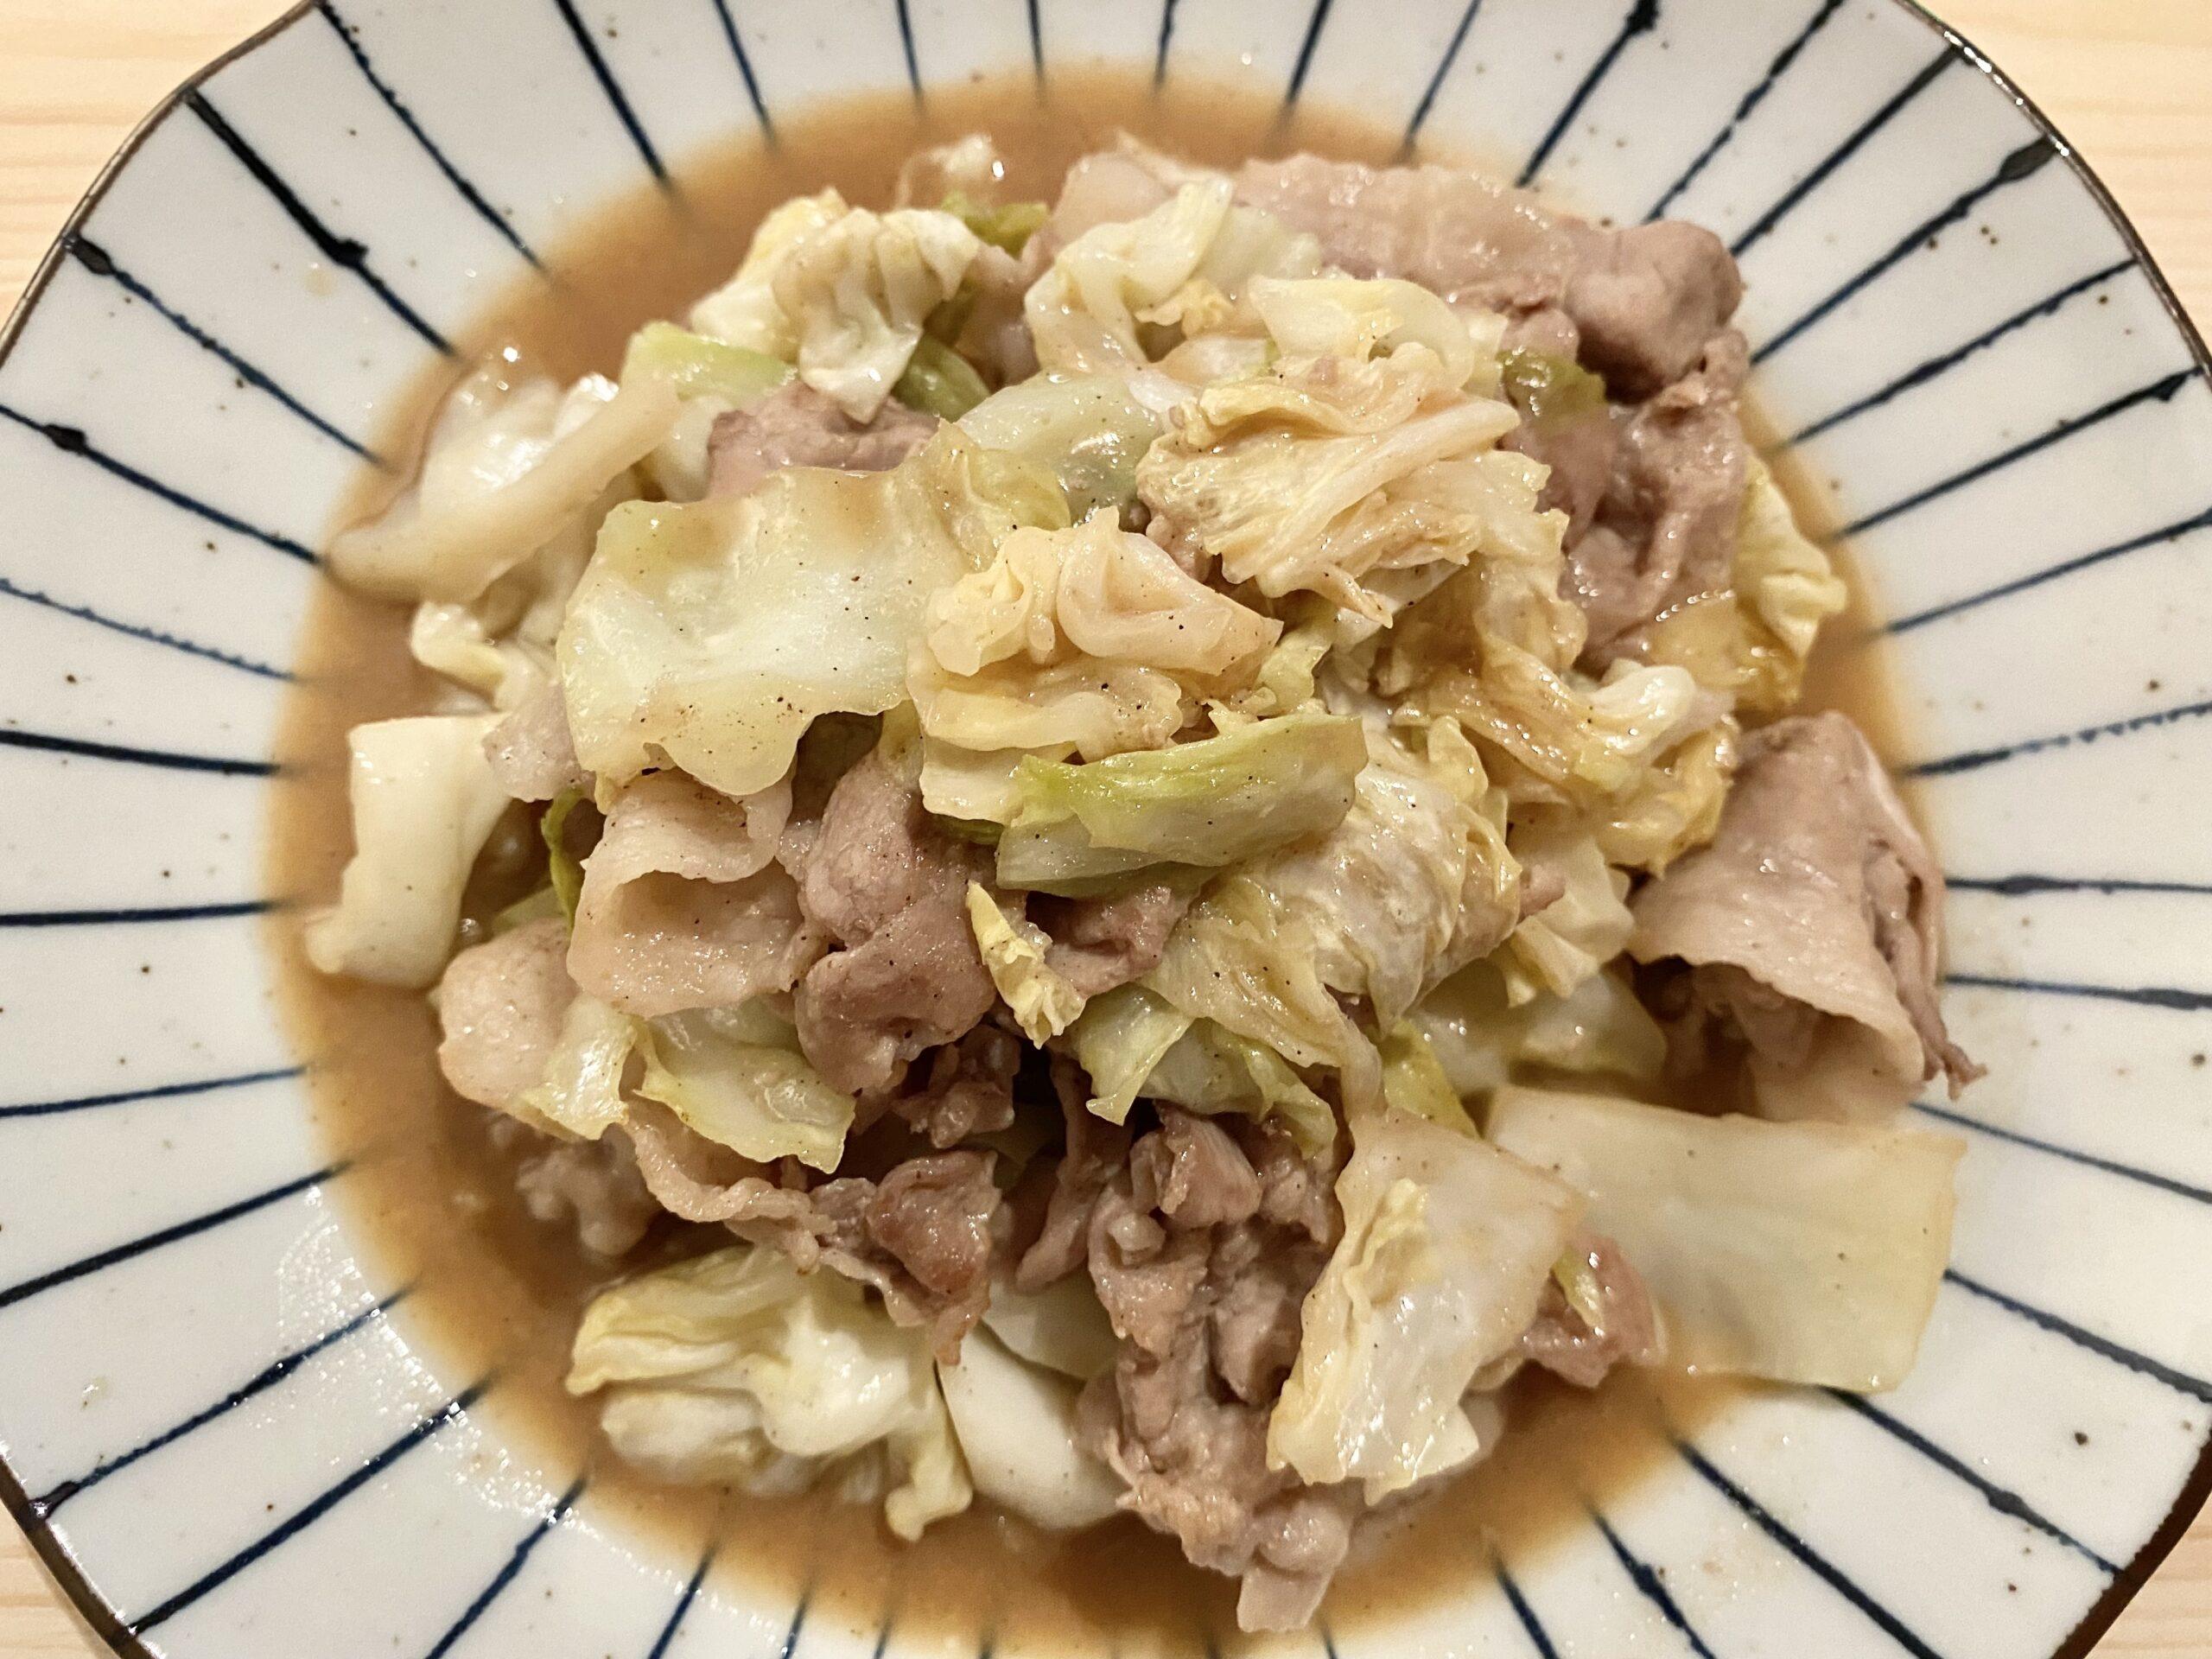 ご飯がススム!「スタミナ豚バラ酢味噌炒め」のレシピ